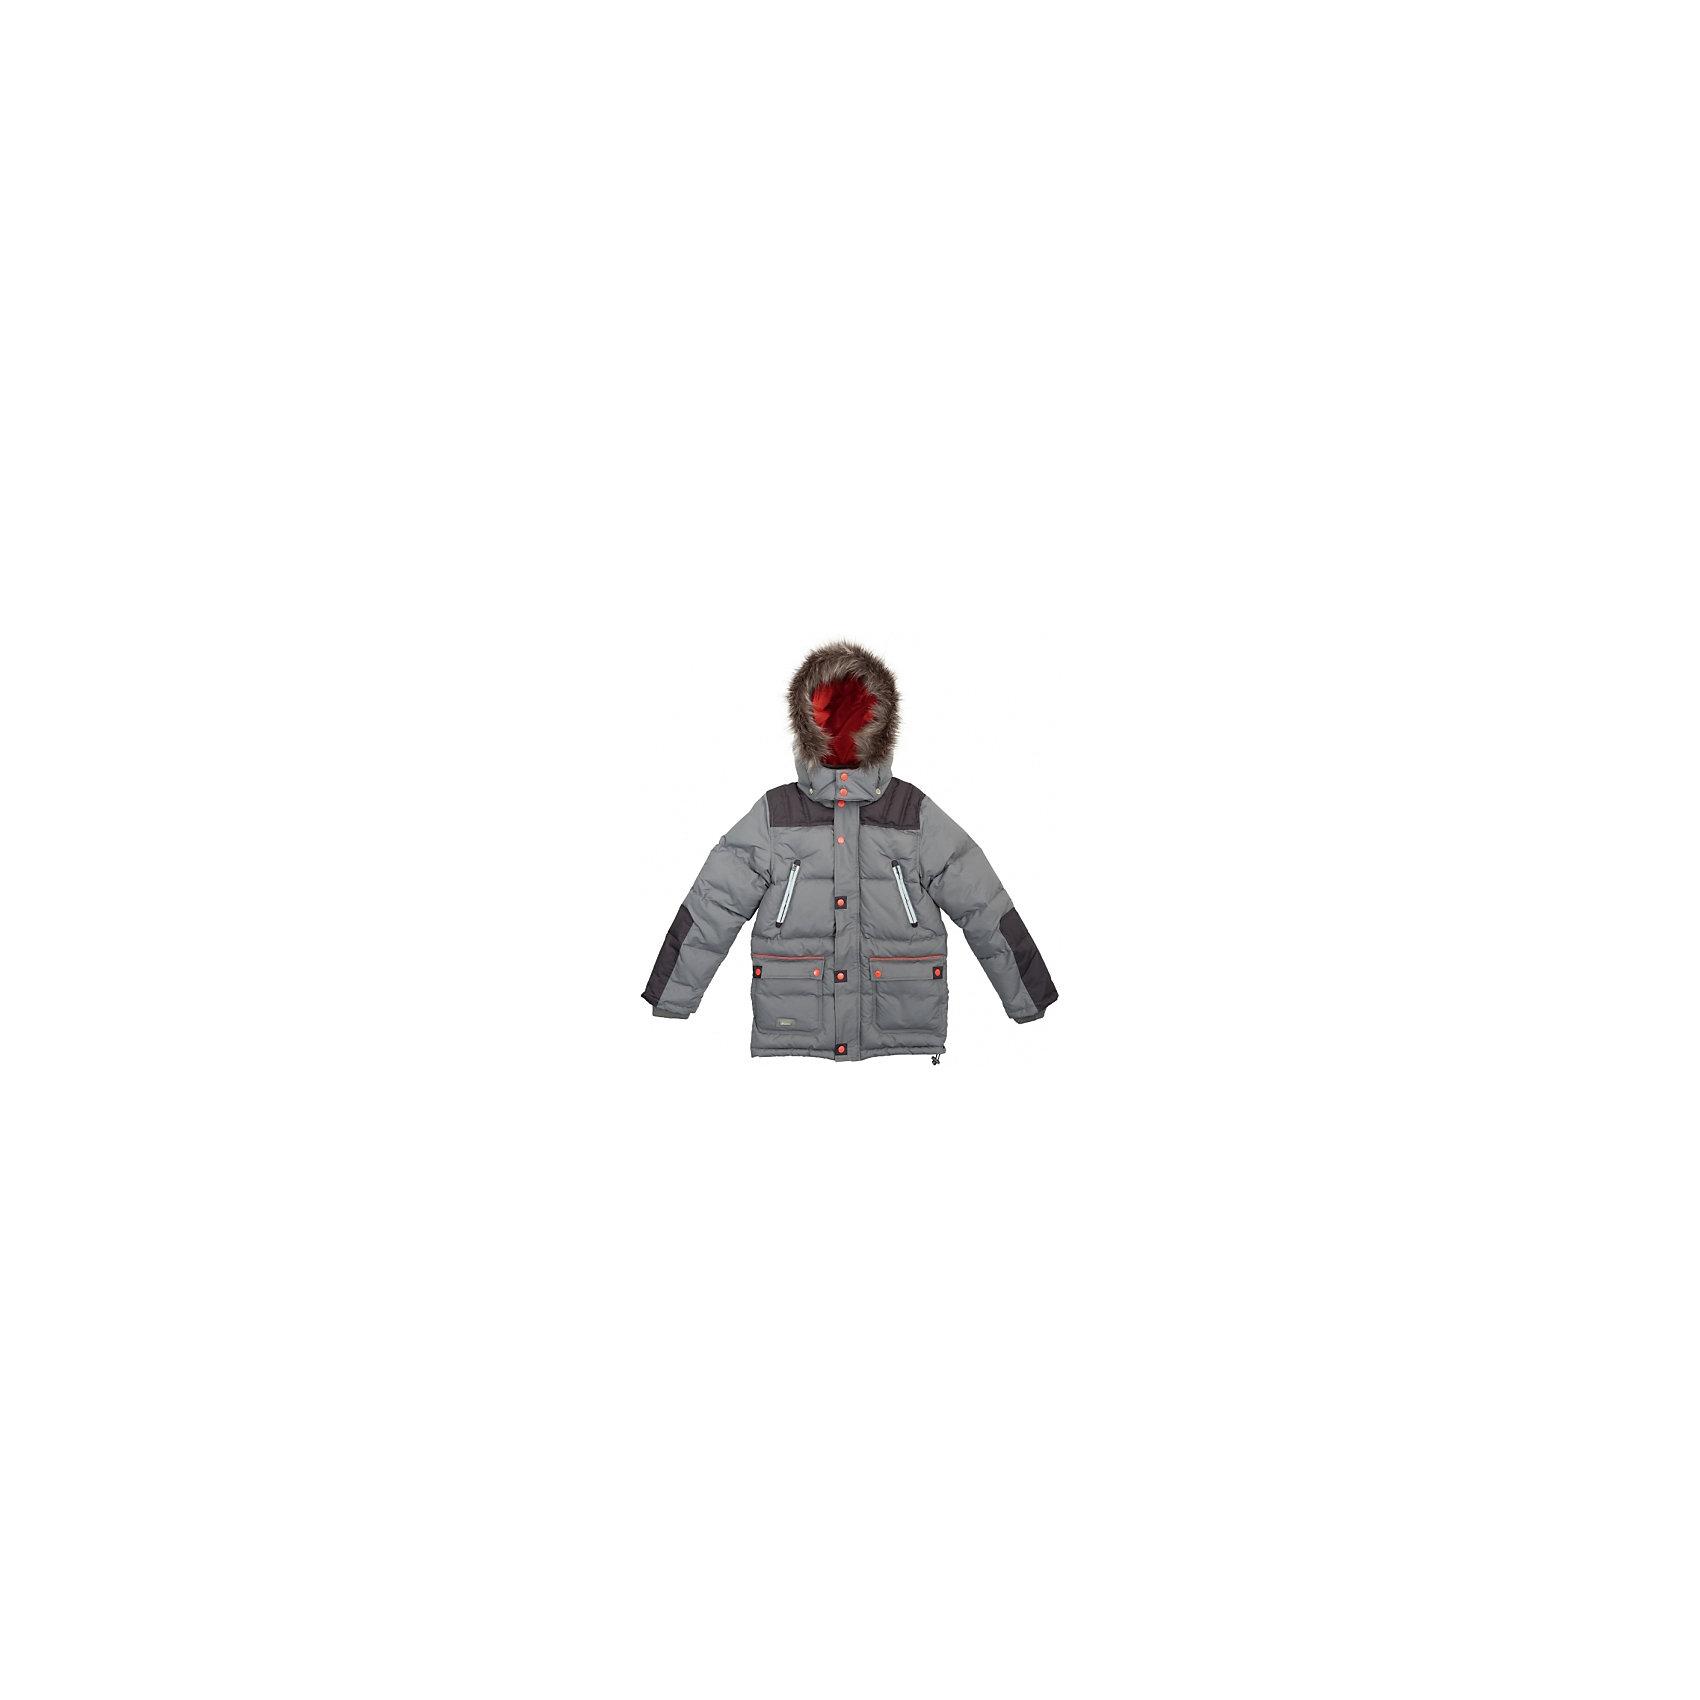 Куртка для мальчика ScoolВерхняя одежда<br>Куртка для мальчика Scool – надежная защита от холода и дождя.<br>Сделана куртка из непромокаемого материала. Специальная ветрозащитная планка на кнопках у капюшона позволяет защитить шею от продувания. Капюшон также можно затянуть стоппером, как и низ куртки. Под внешним слоем, внизу, есть подкладка, застегнув которую, ребенок также будет защищен от ветра. От попадания снега или воды в рукава на куртке предусмотрены трикотажные манжеты. <br><br>Дополнительная информация:<br><br>- материал: верх и подкладка – 100% полиэстер, наполнитель 62% полиэстера, 30% пух, 8% перо<br>- цвет: серый<br><br>Куртку для мальчика Scool можно купить в нашем интернет магазине.<br><br>Ширина мм: 356<br>Глубина мм: 10<br>Высота мм: 245<br>Вес г: 519<br>Цвет: разноцветный<br>Возраст от месяцев: 156<br>Возраст до месяцев: 168<br>Пол: Мужской<br>Возраст: Детский<br>Размер: 164,140,152,134,146,158<br>SKU: 4911544